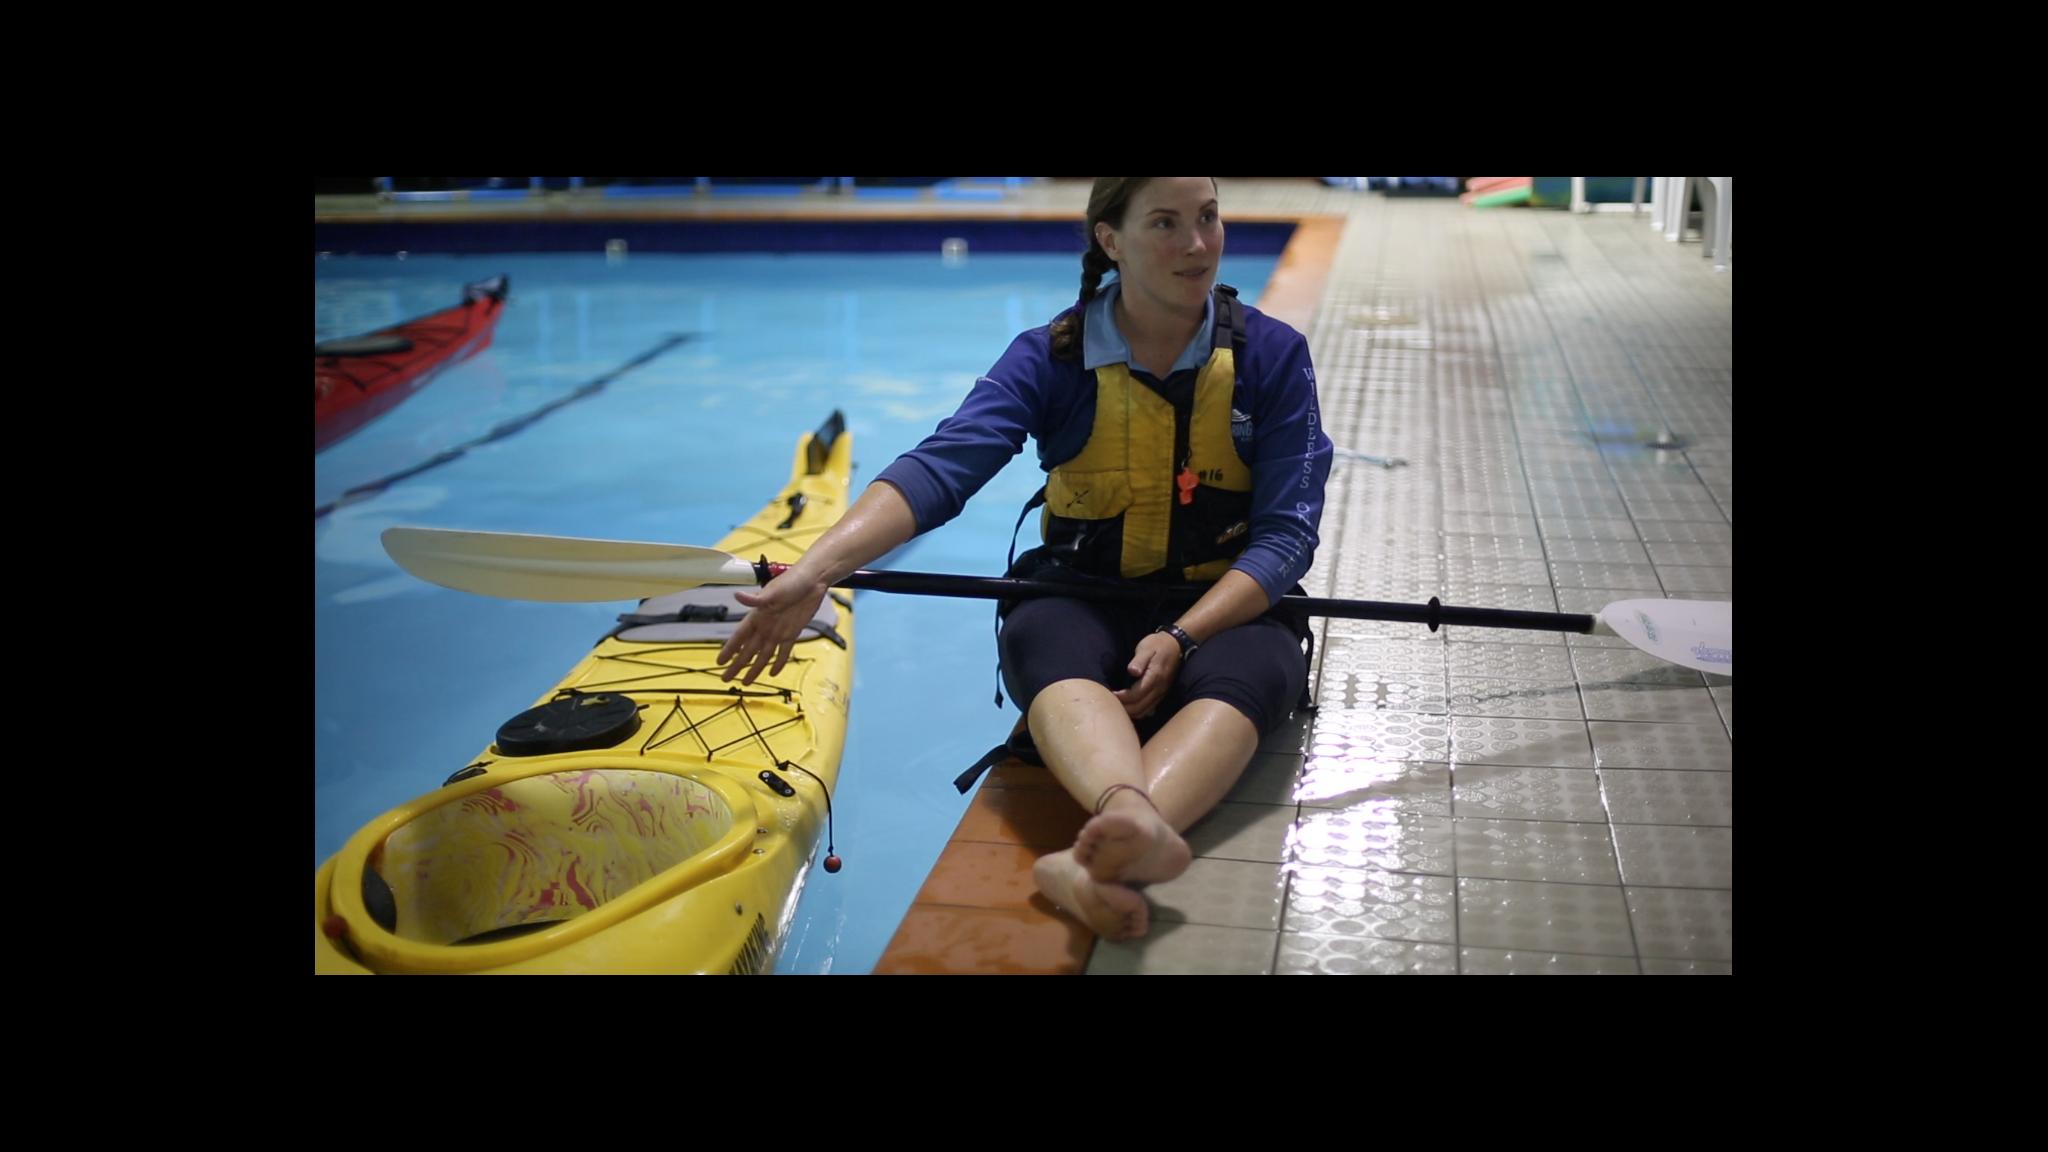 Roaring 40s Kayaking - Leaning kayak rescue skills Hobart Tasmania